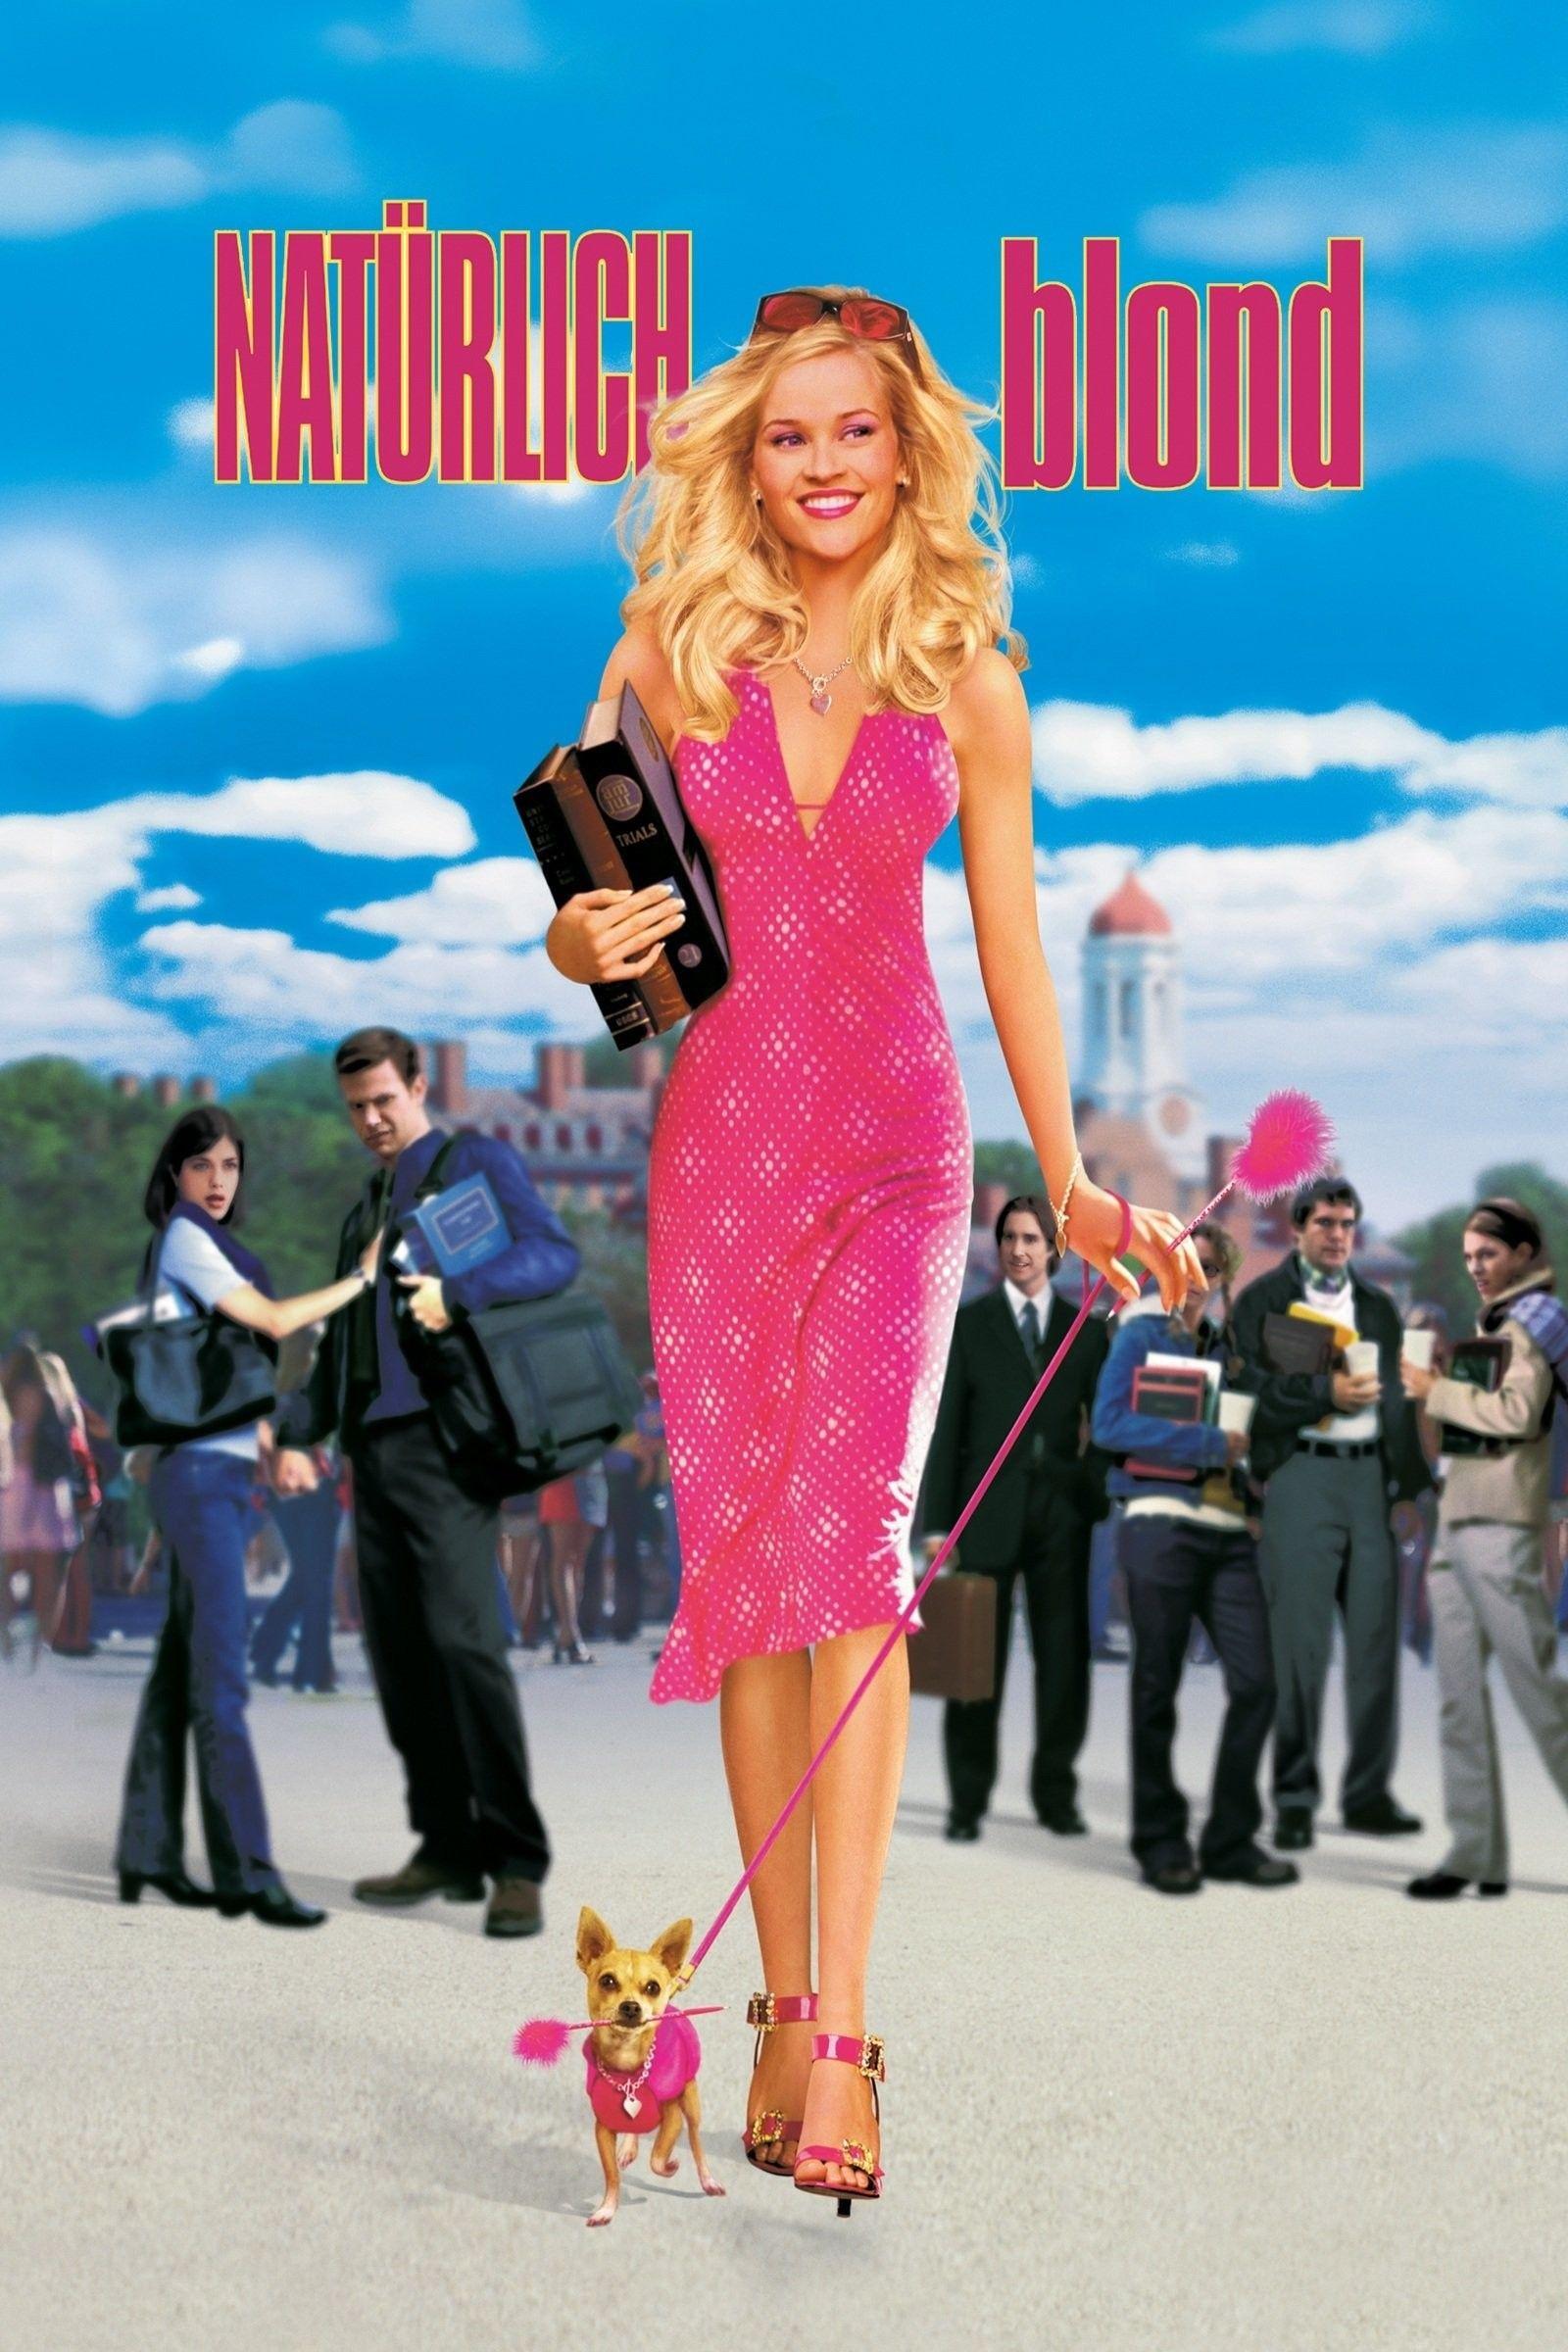 Naturlich Blond 2001 Filme Kostenlos Online Anschauen Naturlich Blond Kostenlos Online Anschauen Naturl Legally Blonde Movie Blonde Movie Legally Blonde